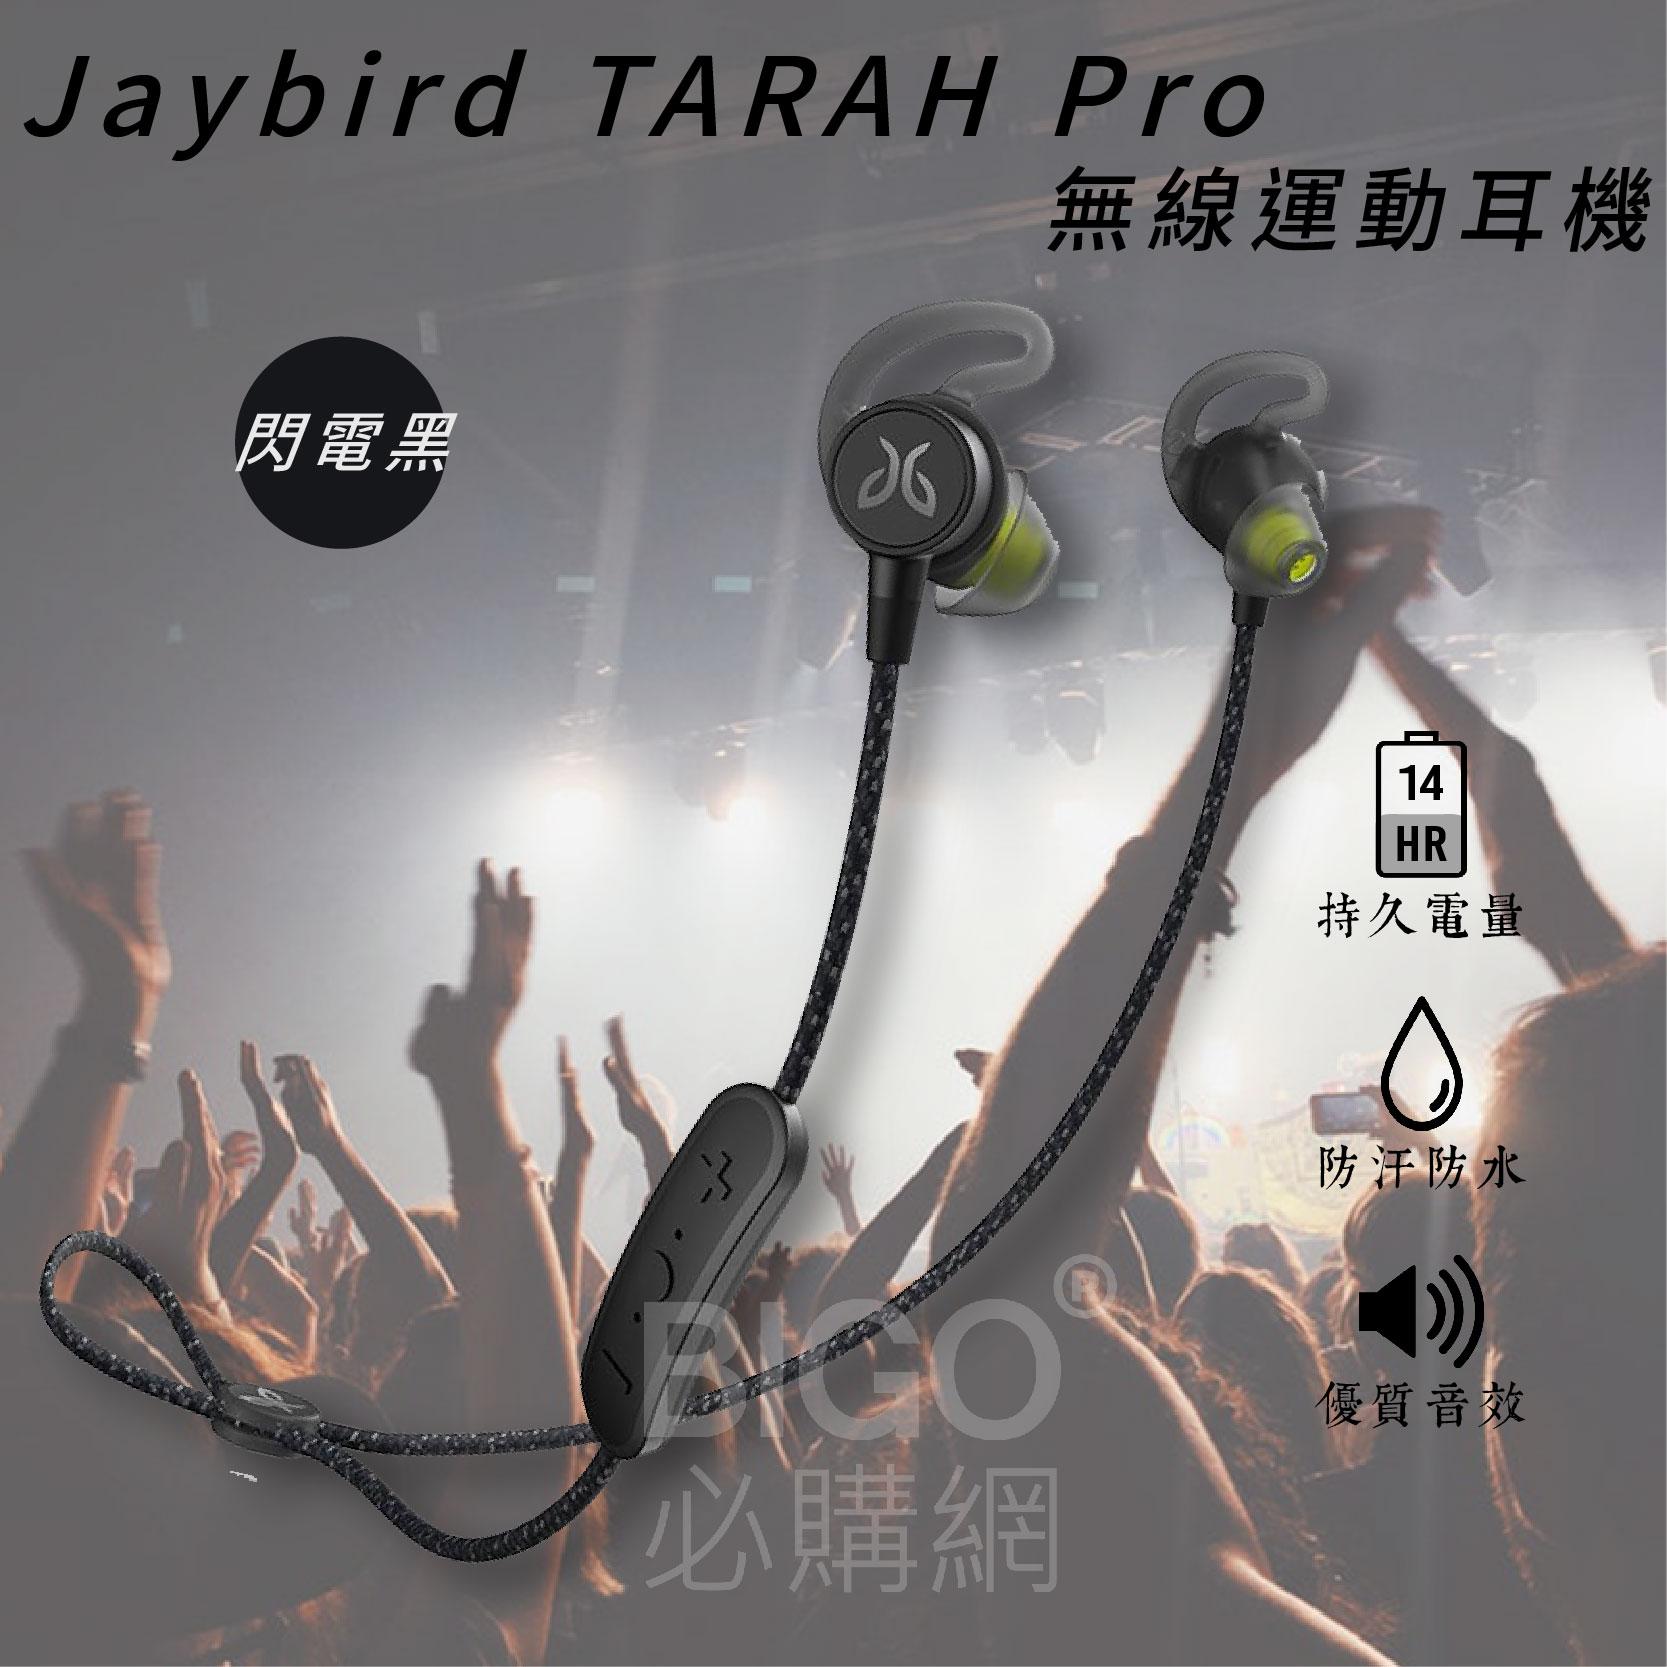 音質推薦🔊美國Jaybird無線藍芽耳機 TARAH Pro閃電黑  防水防汗 運動耳機 慢跑 藍芽連接 可通話 自訂音效